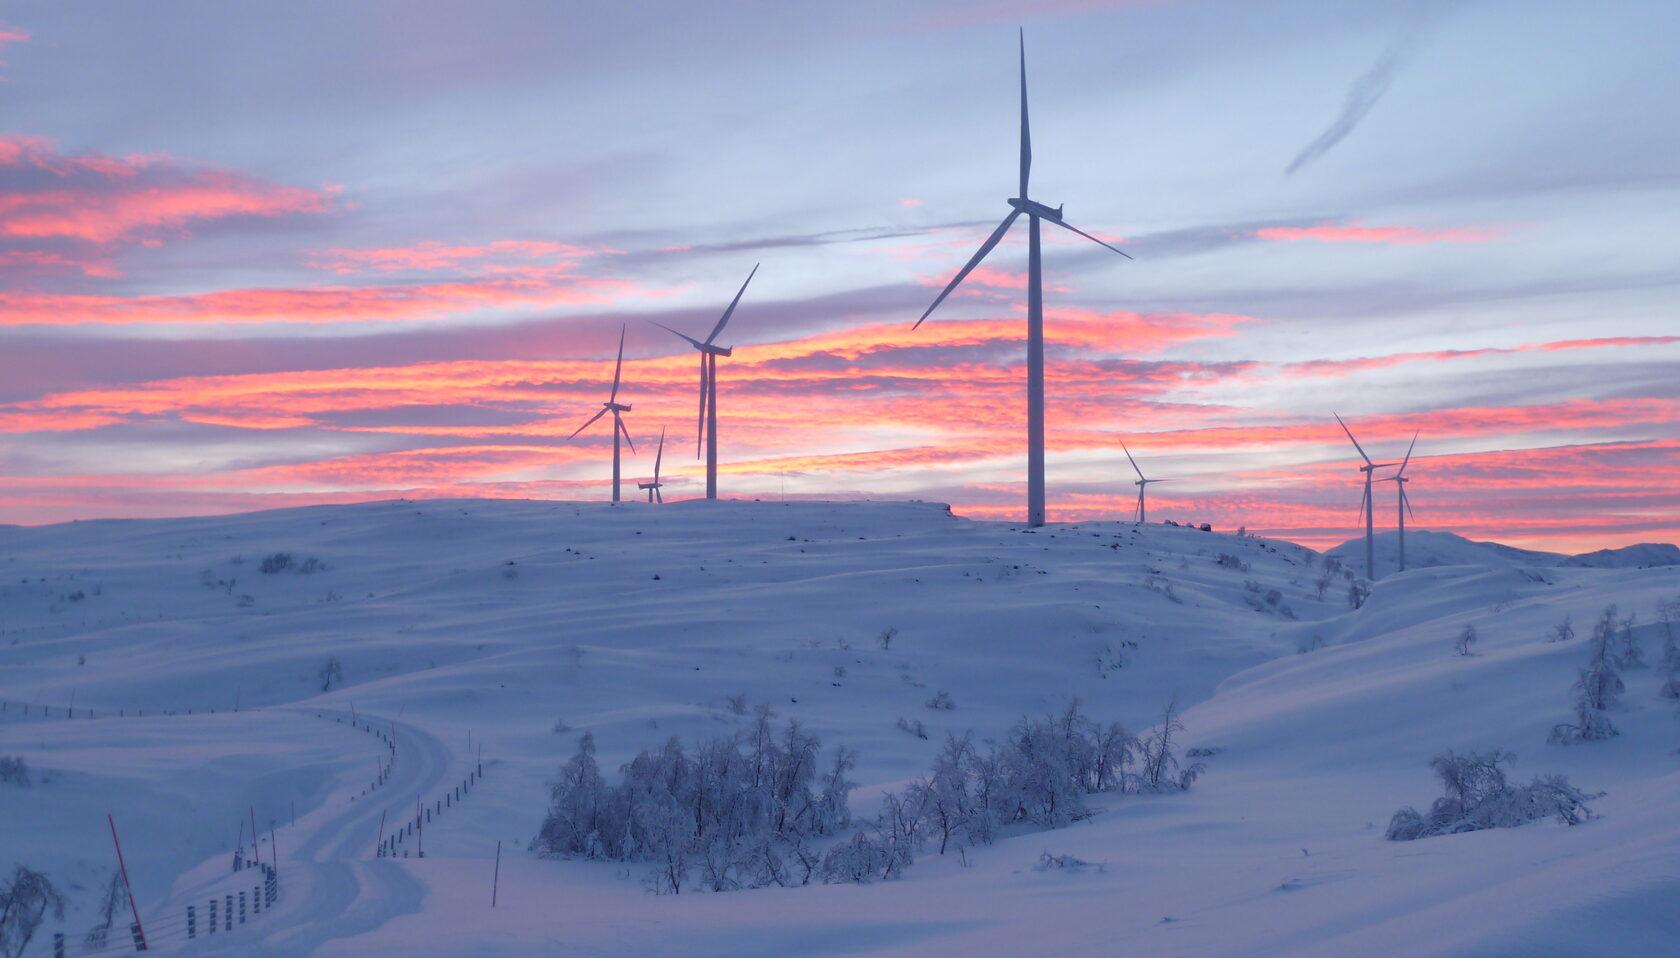 Ветряные электростанции – НЕ ПРИЧИНА блэкаута в Техасе